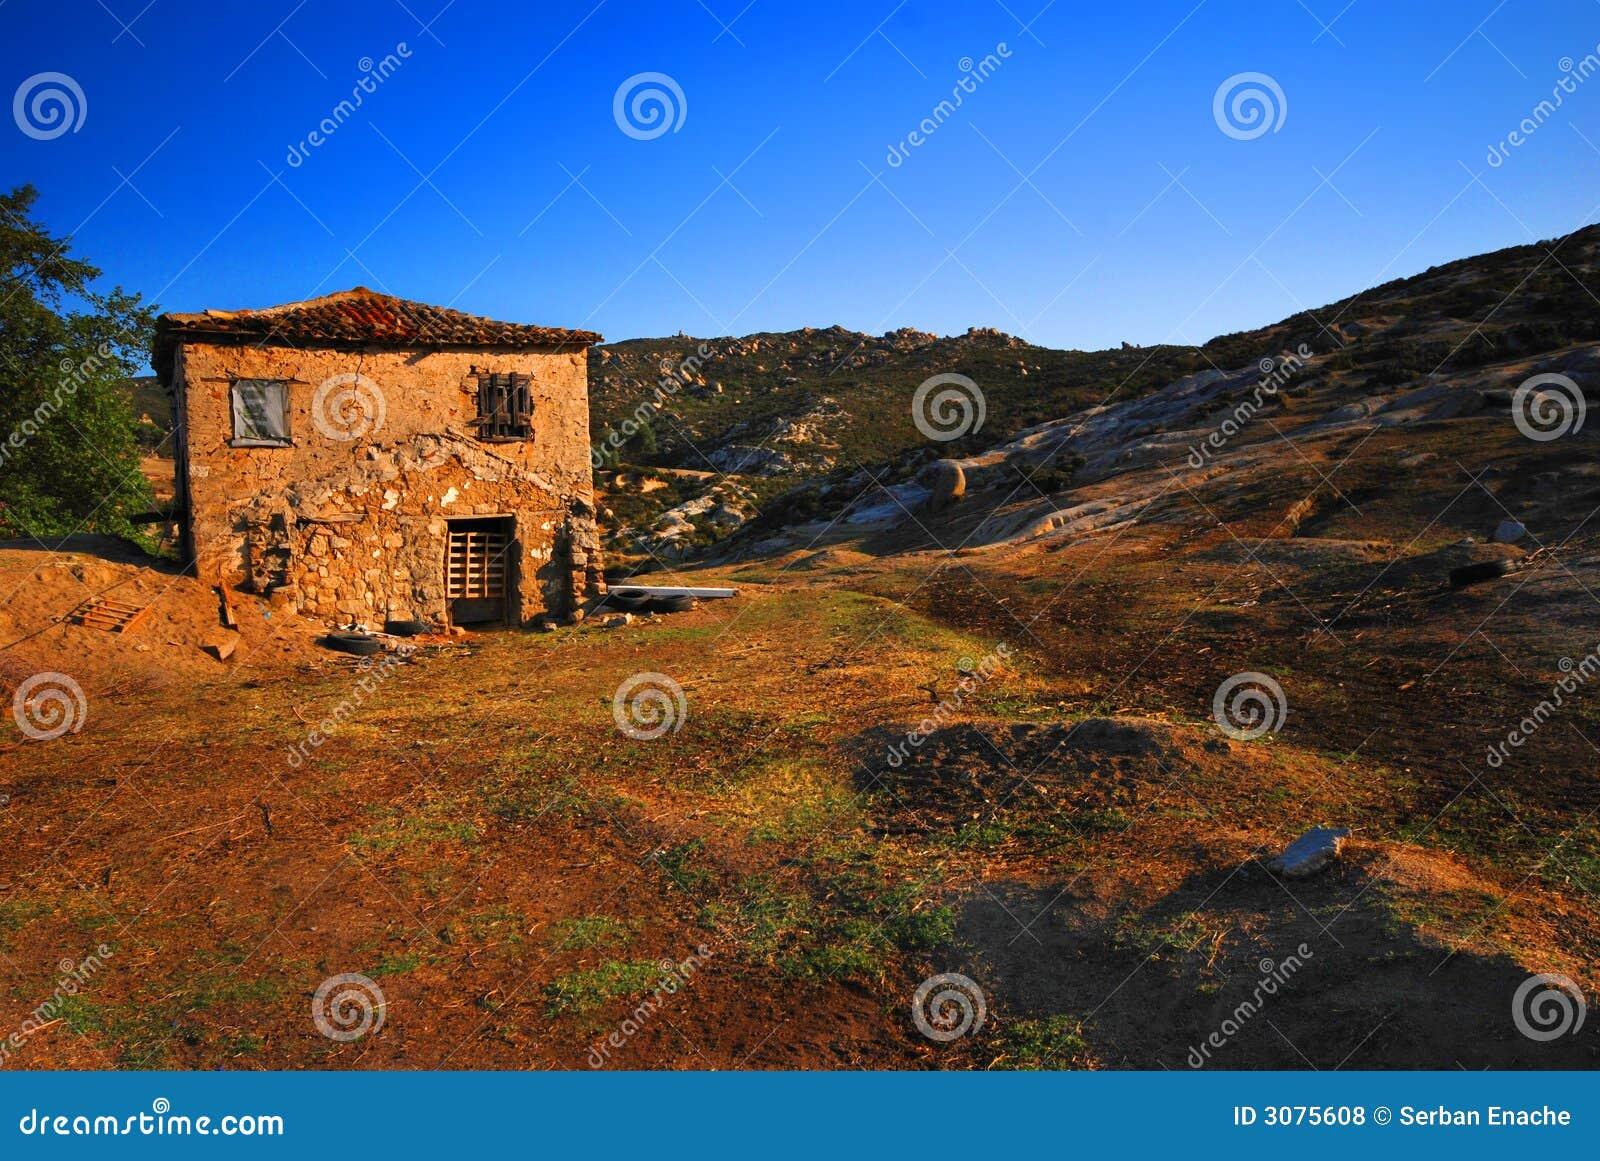 Verlaten landbouwbedrijfhuis in Griekenland